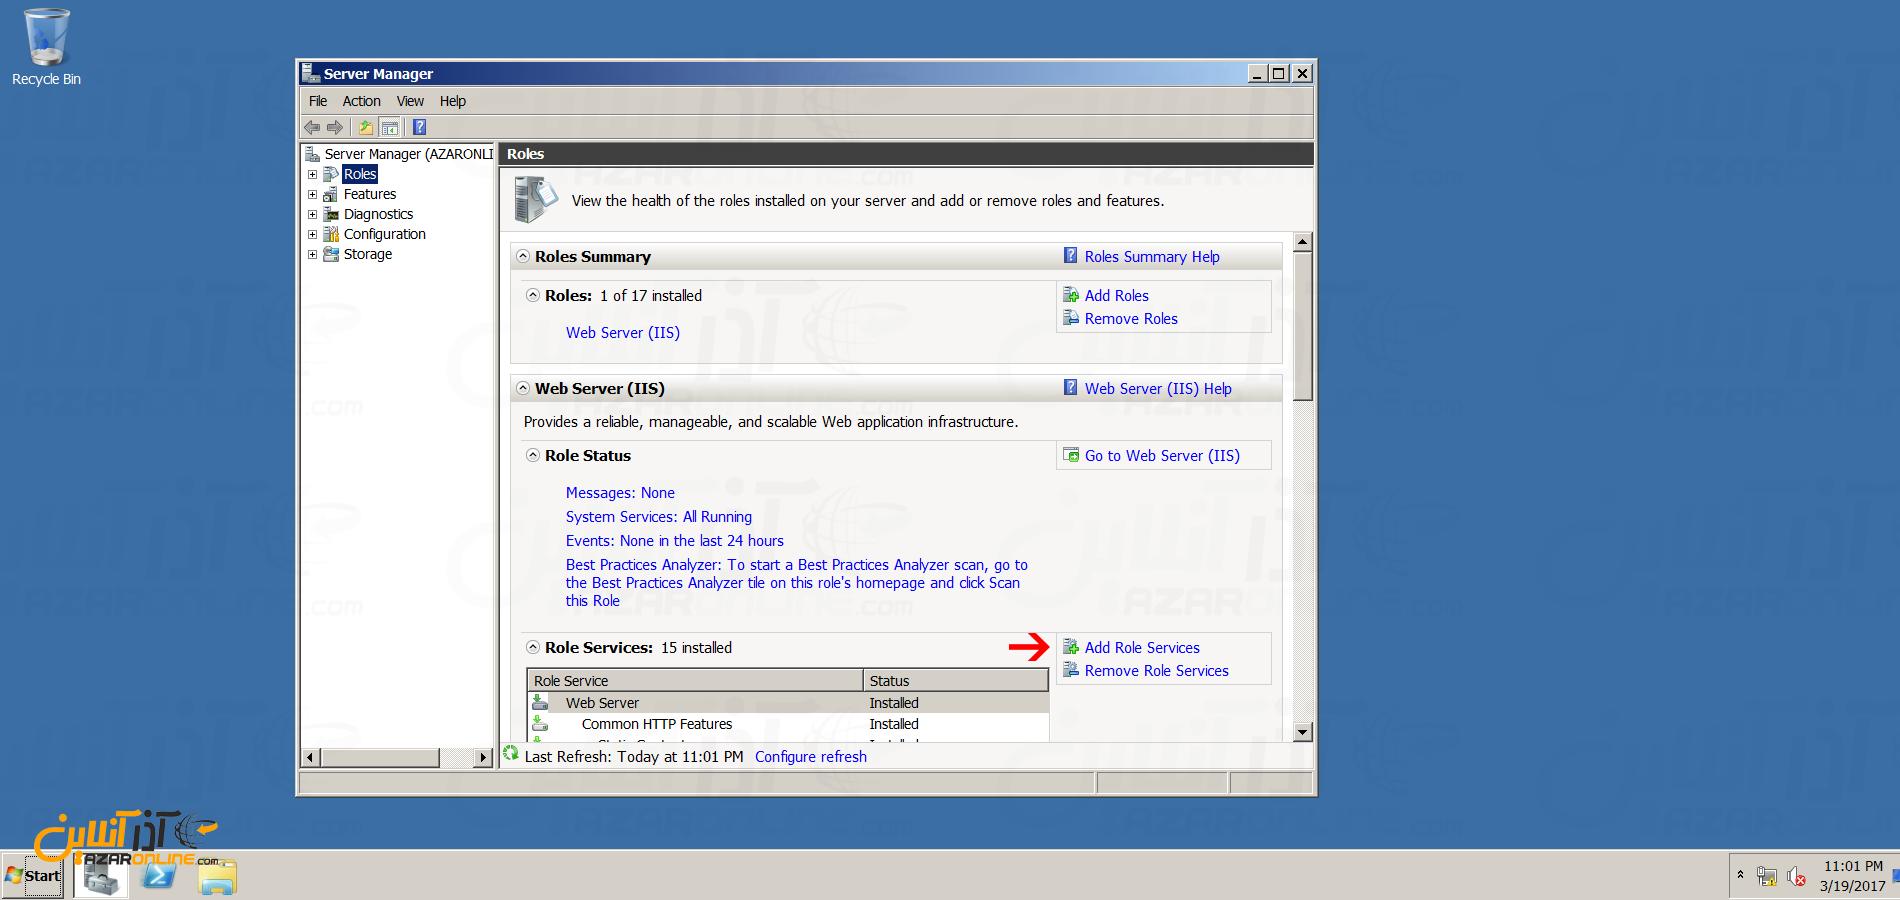 نصب FTP سرور در ویندوز سرور 2008 - add rules services